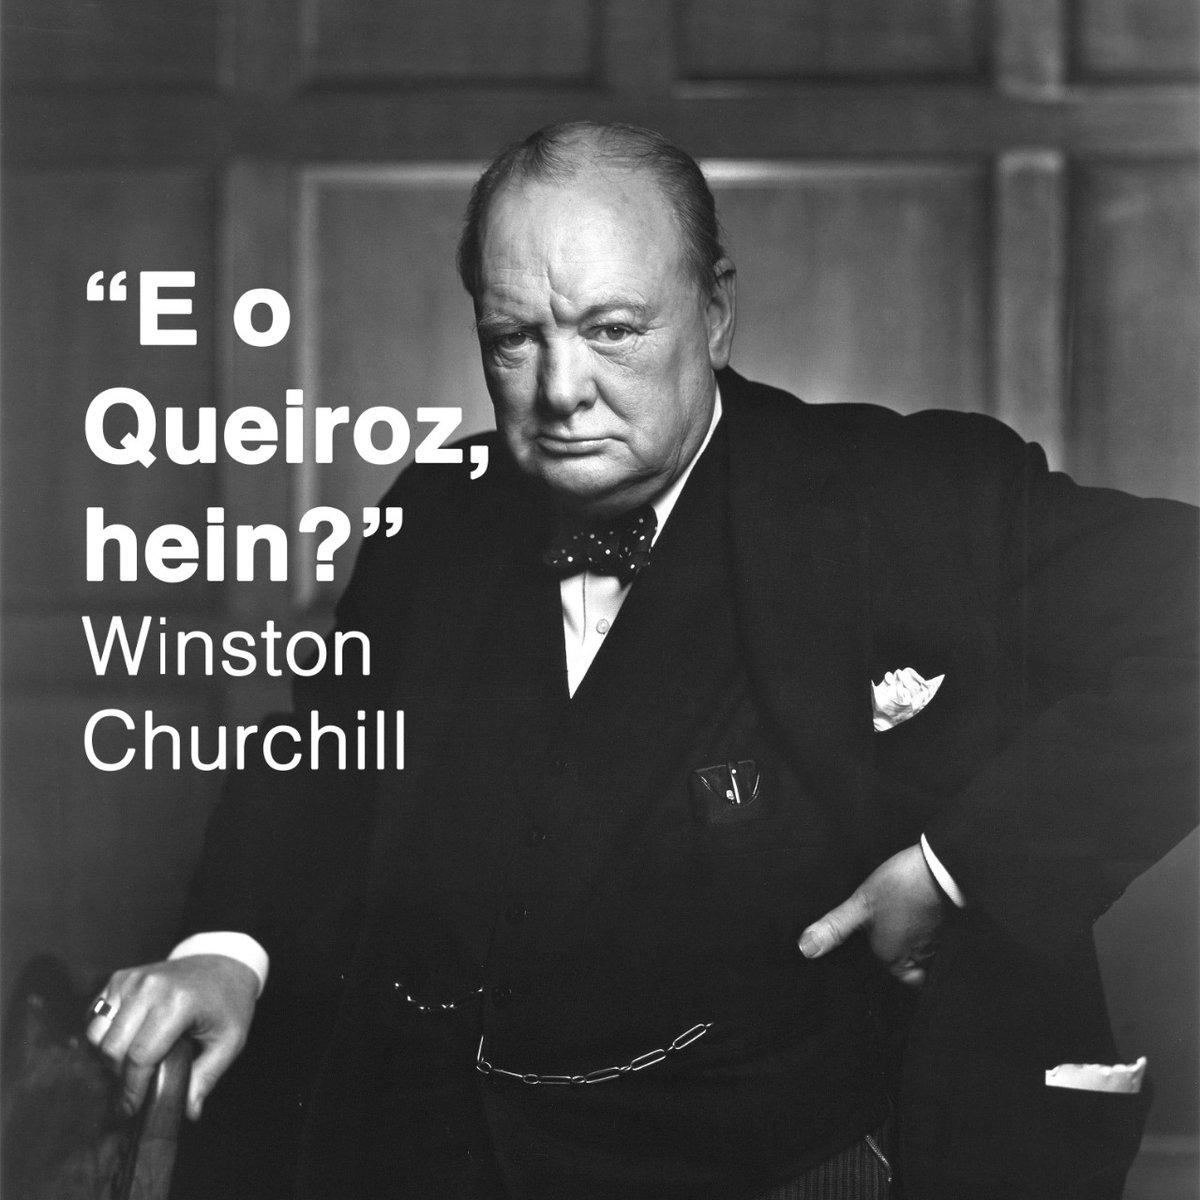 Ae @BolsonaroSP, @CarlosBolsonaro e @FlavioBolsonaro, vocês viram que que o Churchill falou, meninos?